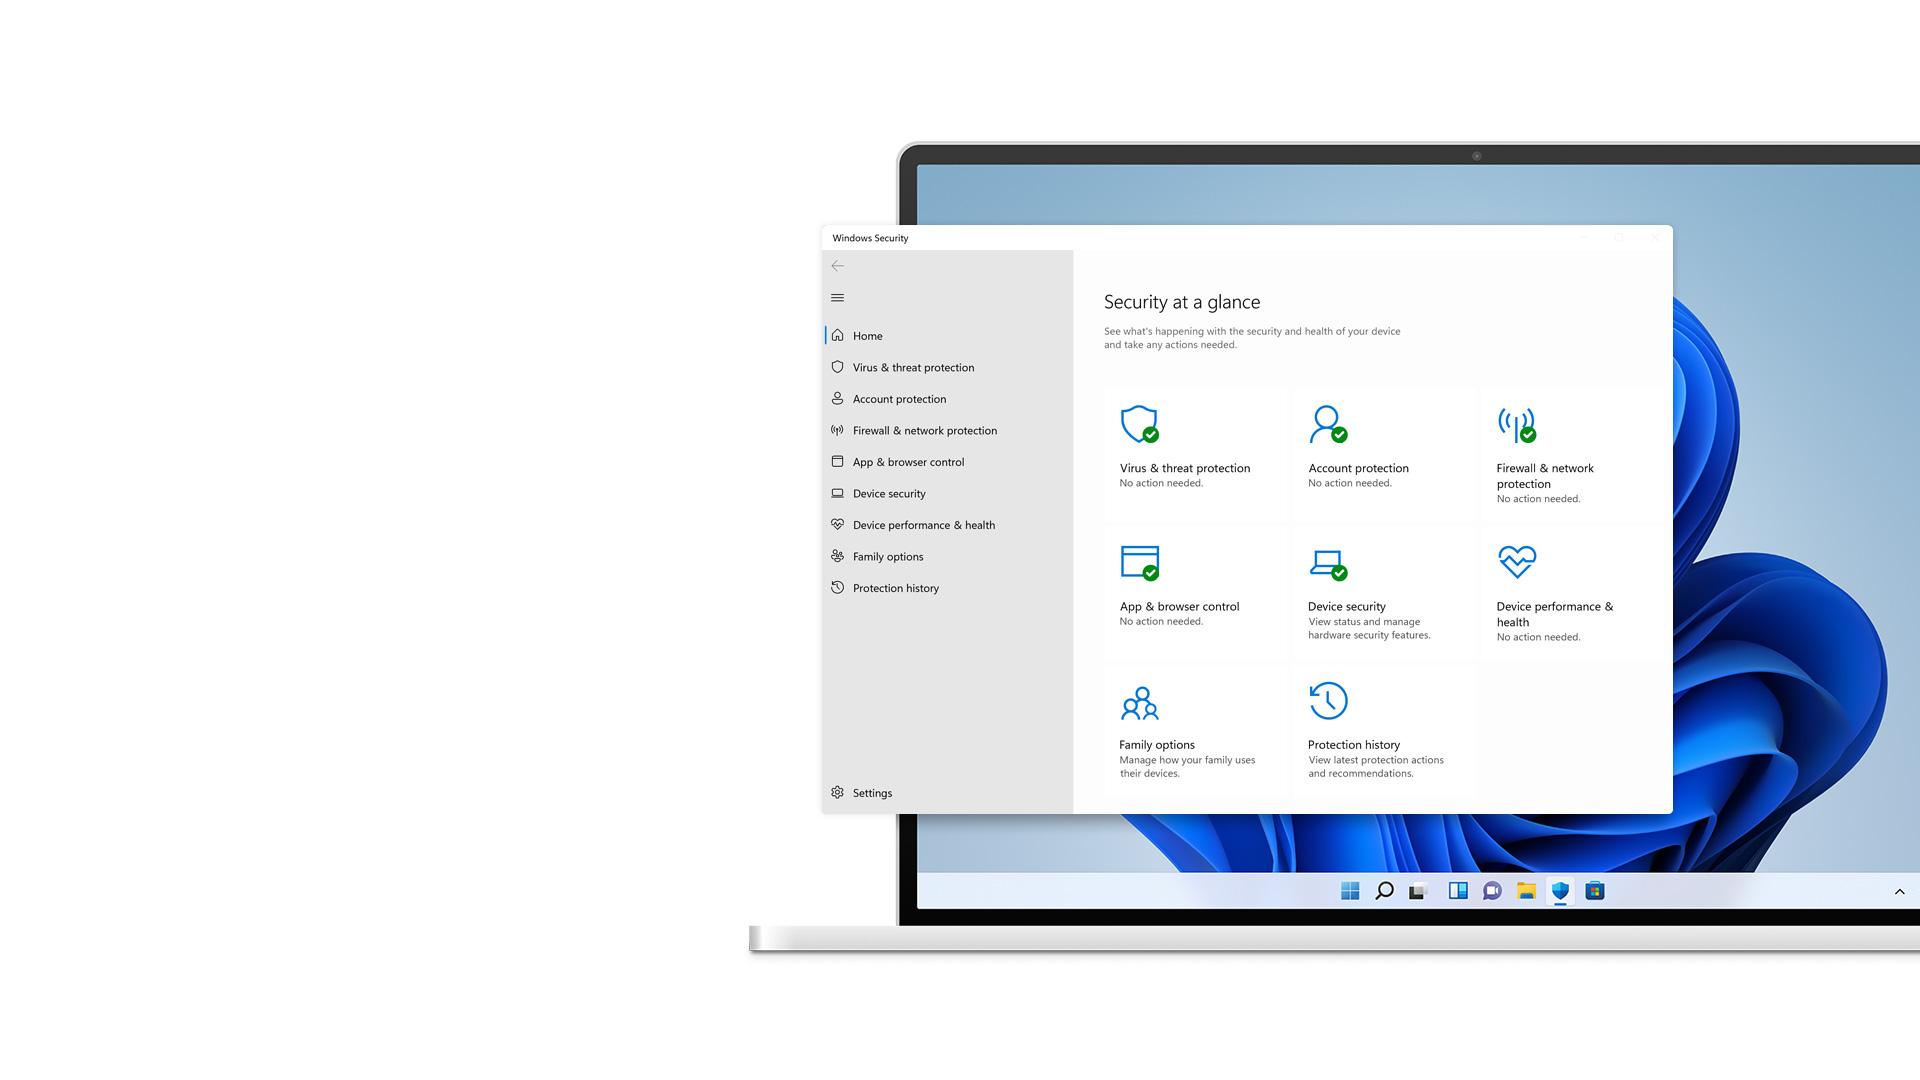 背景に花が映った Windows 11 セキュリティ画面